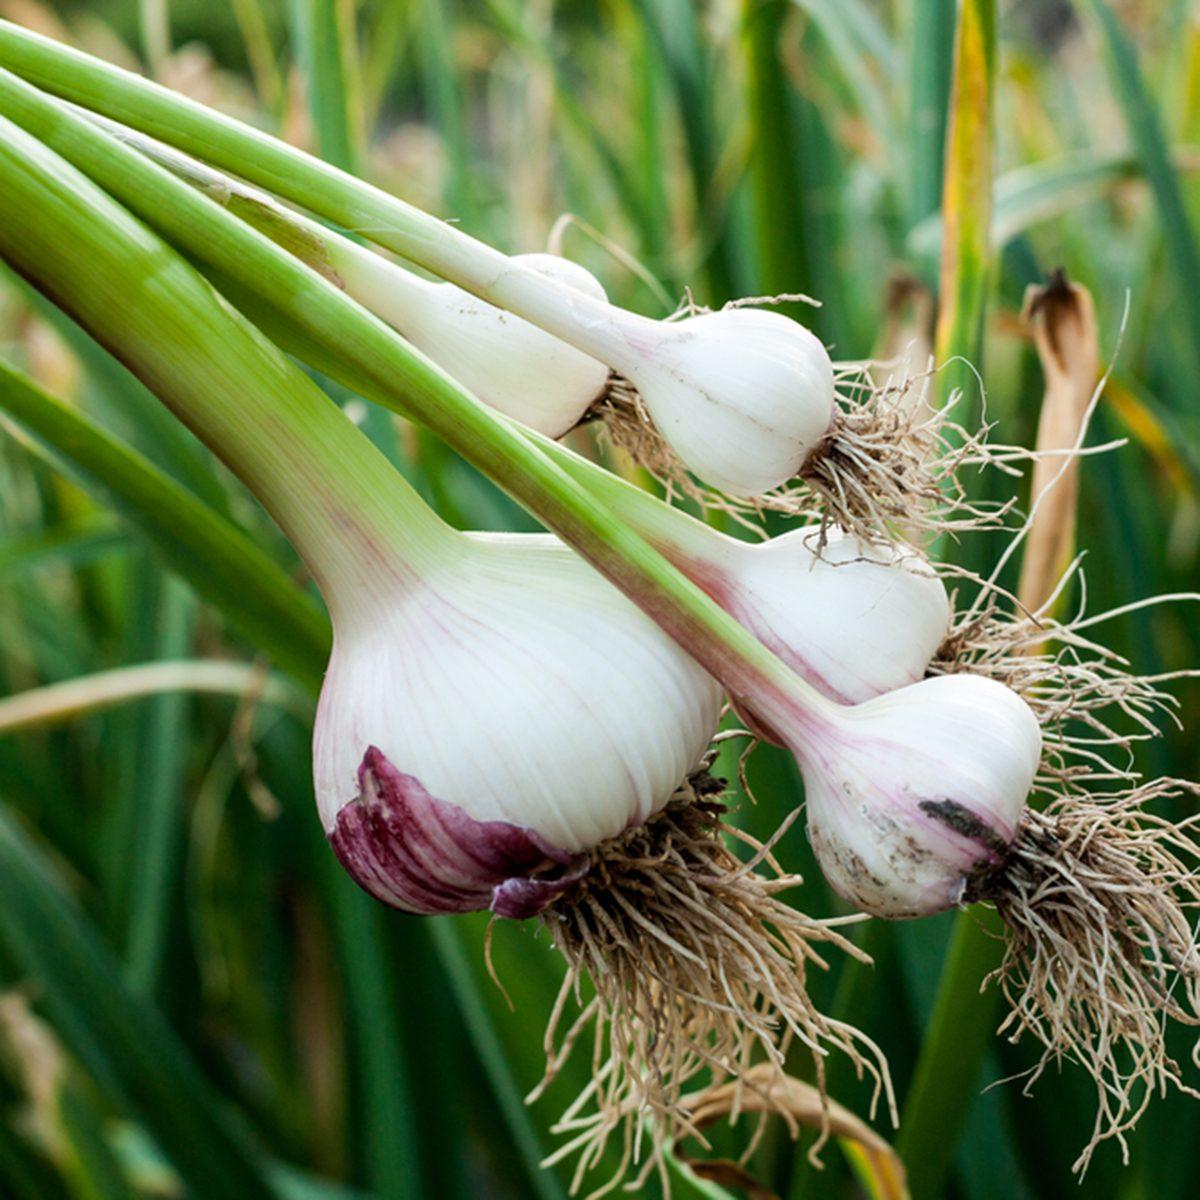 Garlic field in the landscape